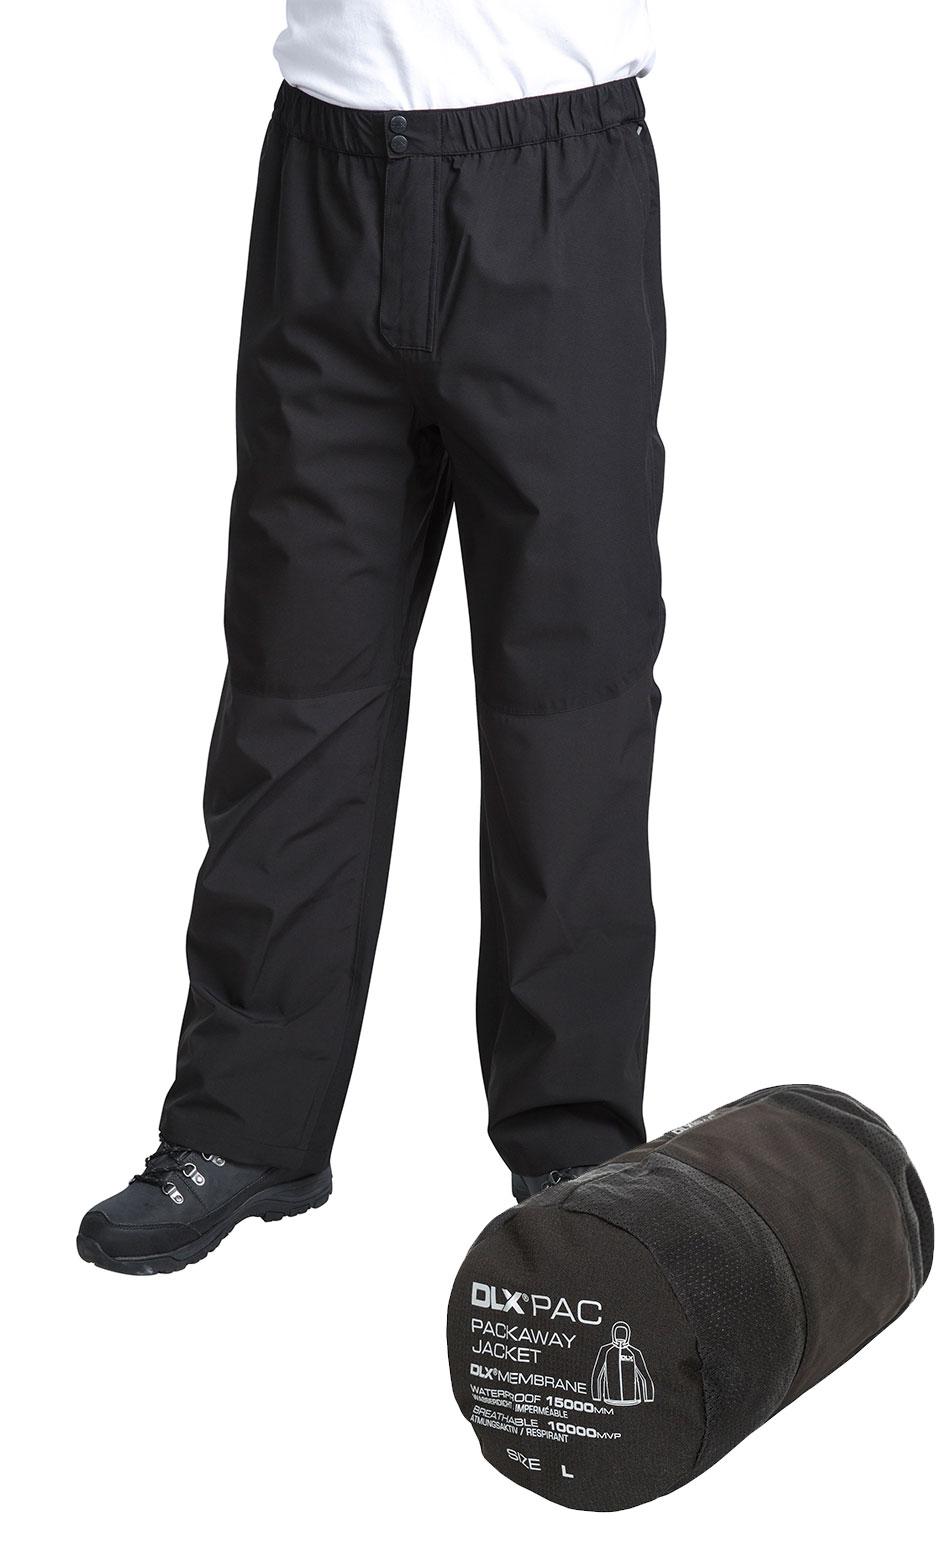 e5500e229e3 Product Description. Description. The Crestone men s breathable windproof  packable waterproof trousers ...